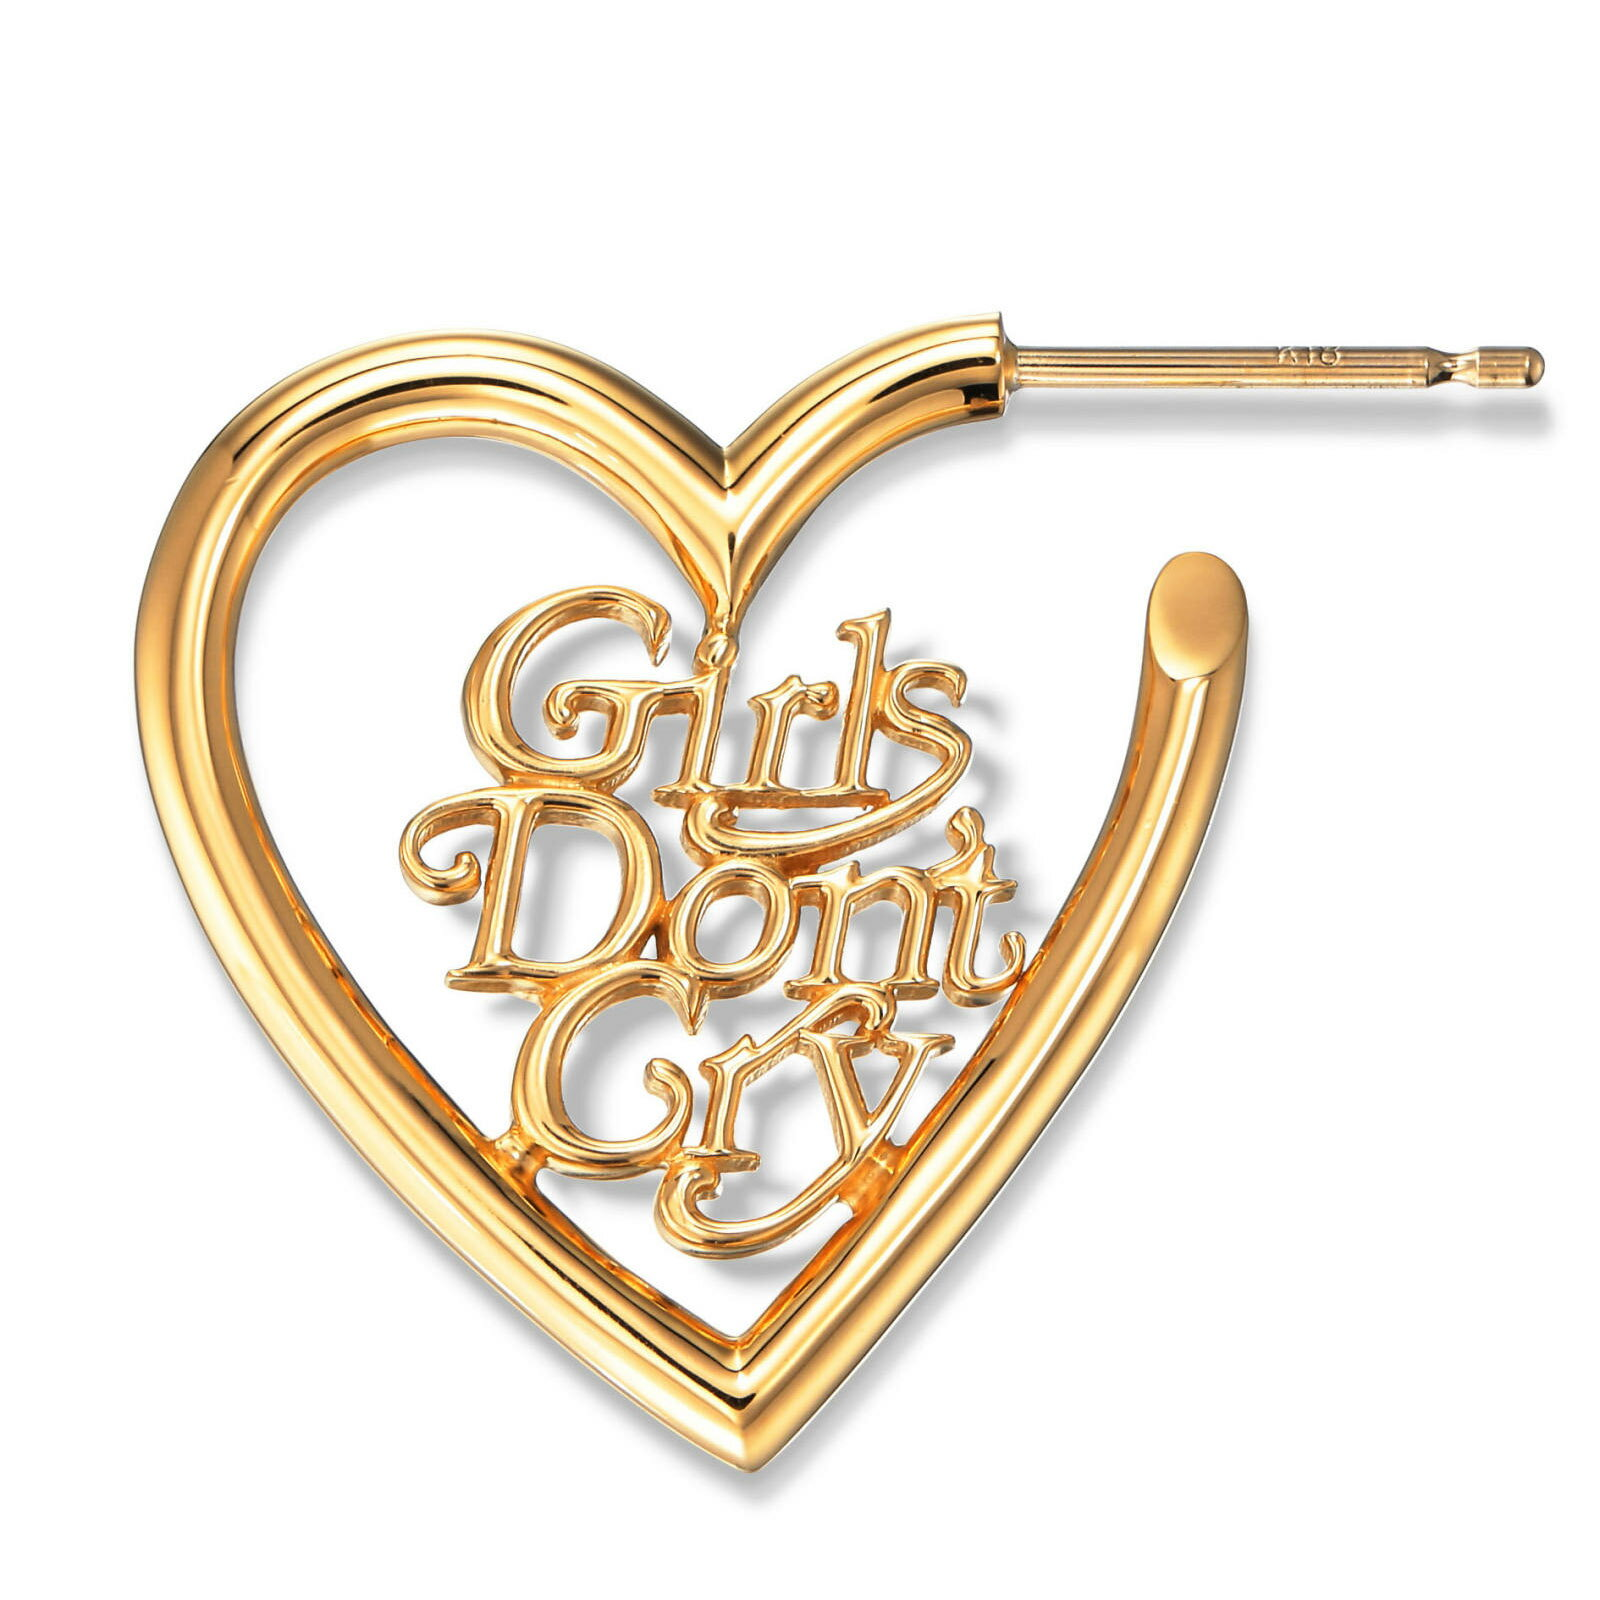 レディースジュエリー・アクセサリー, ピアス CAREERING GIRLS DONT CRY - GDC002 - GOLD